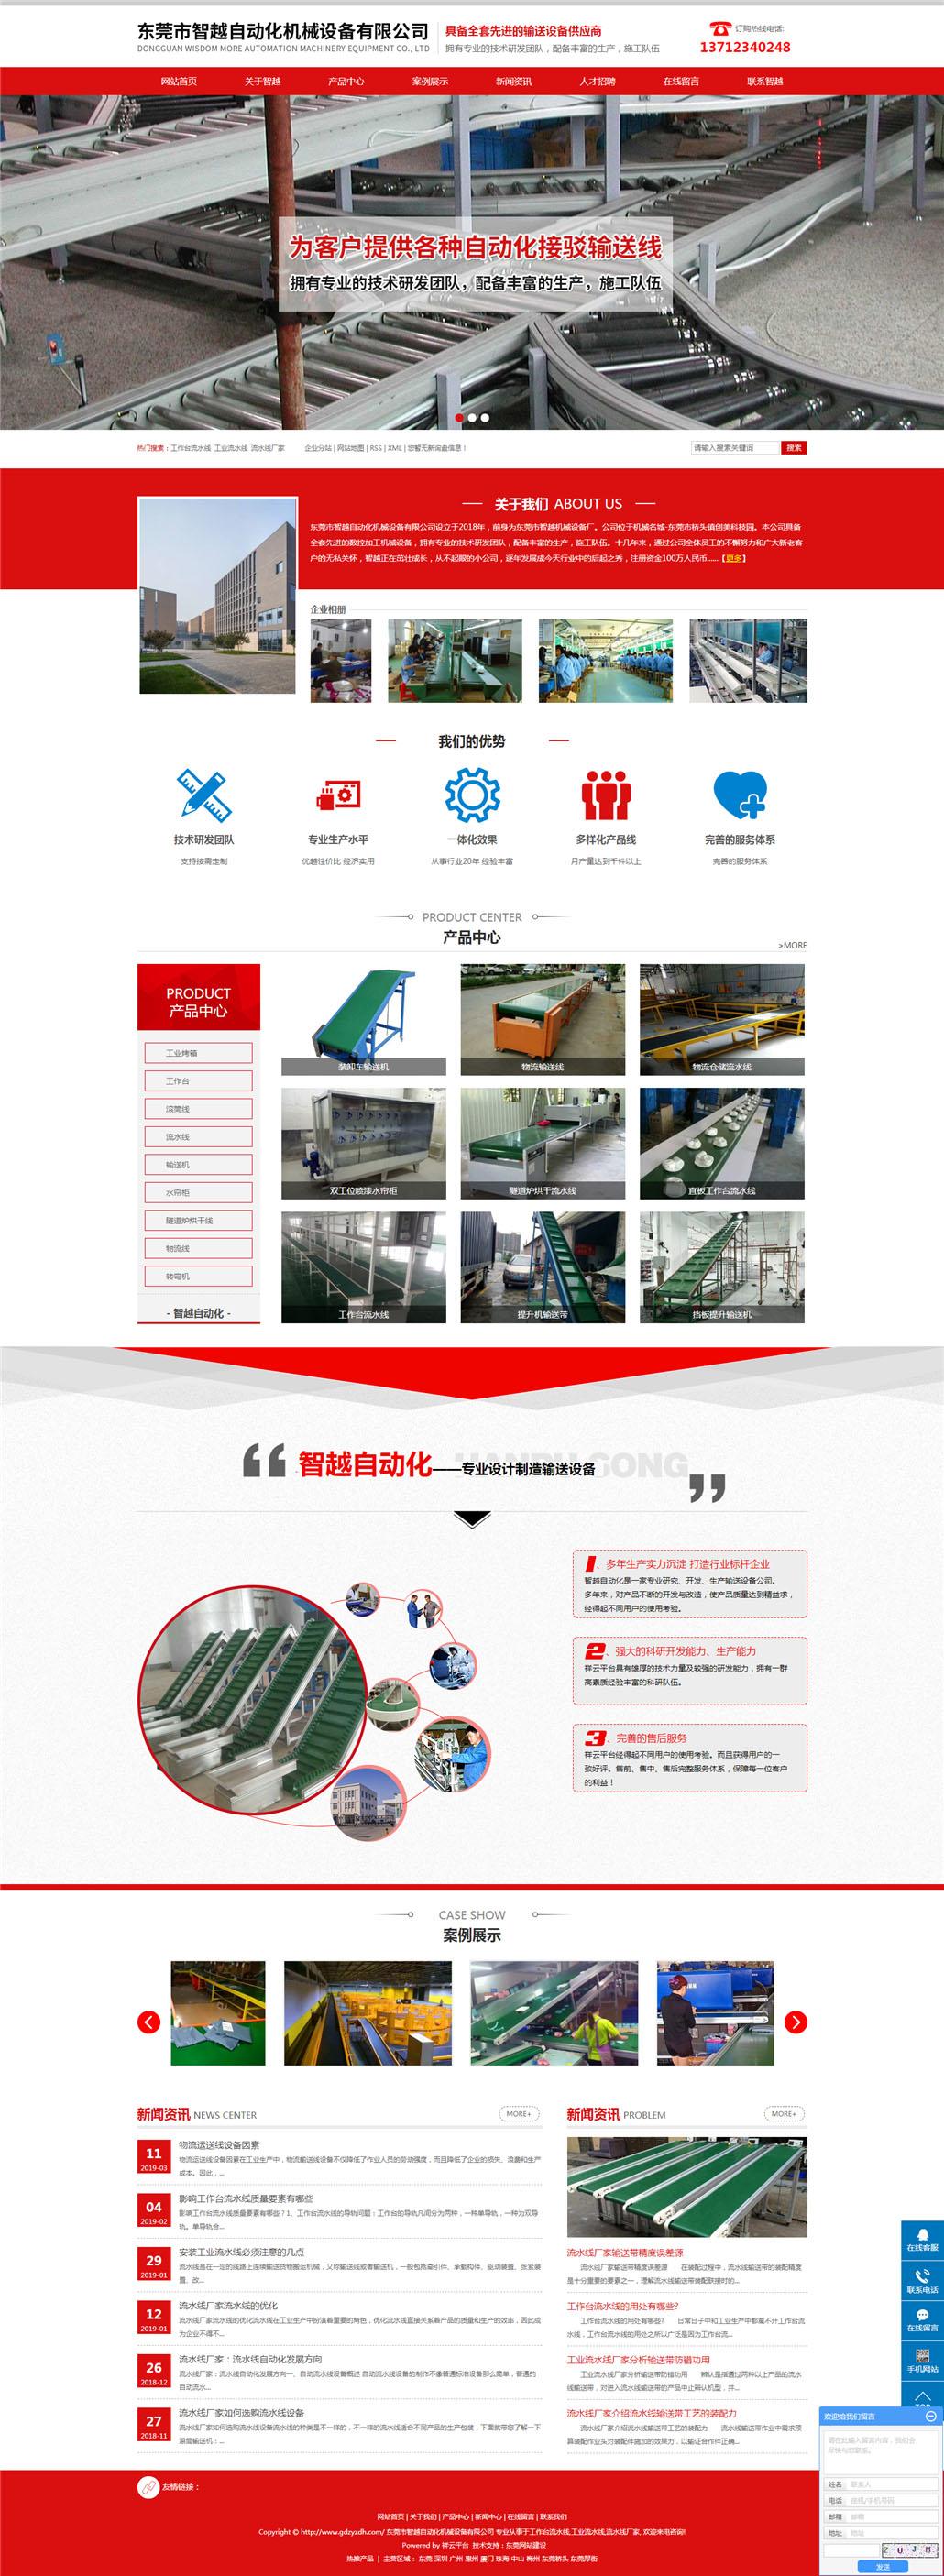 东莞市智越自动化机械设备有限公司